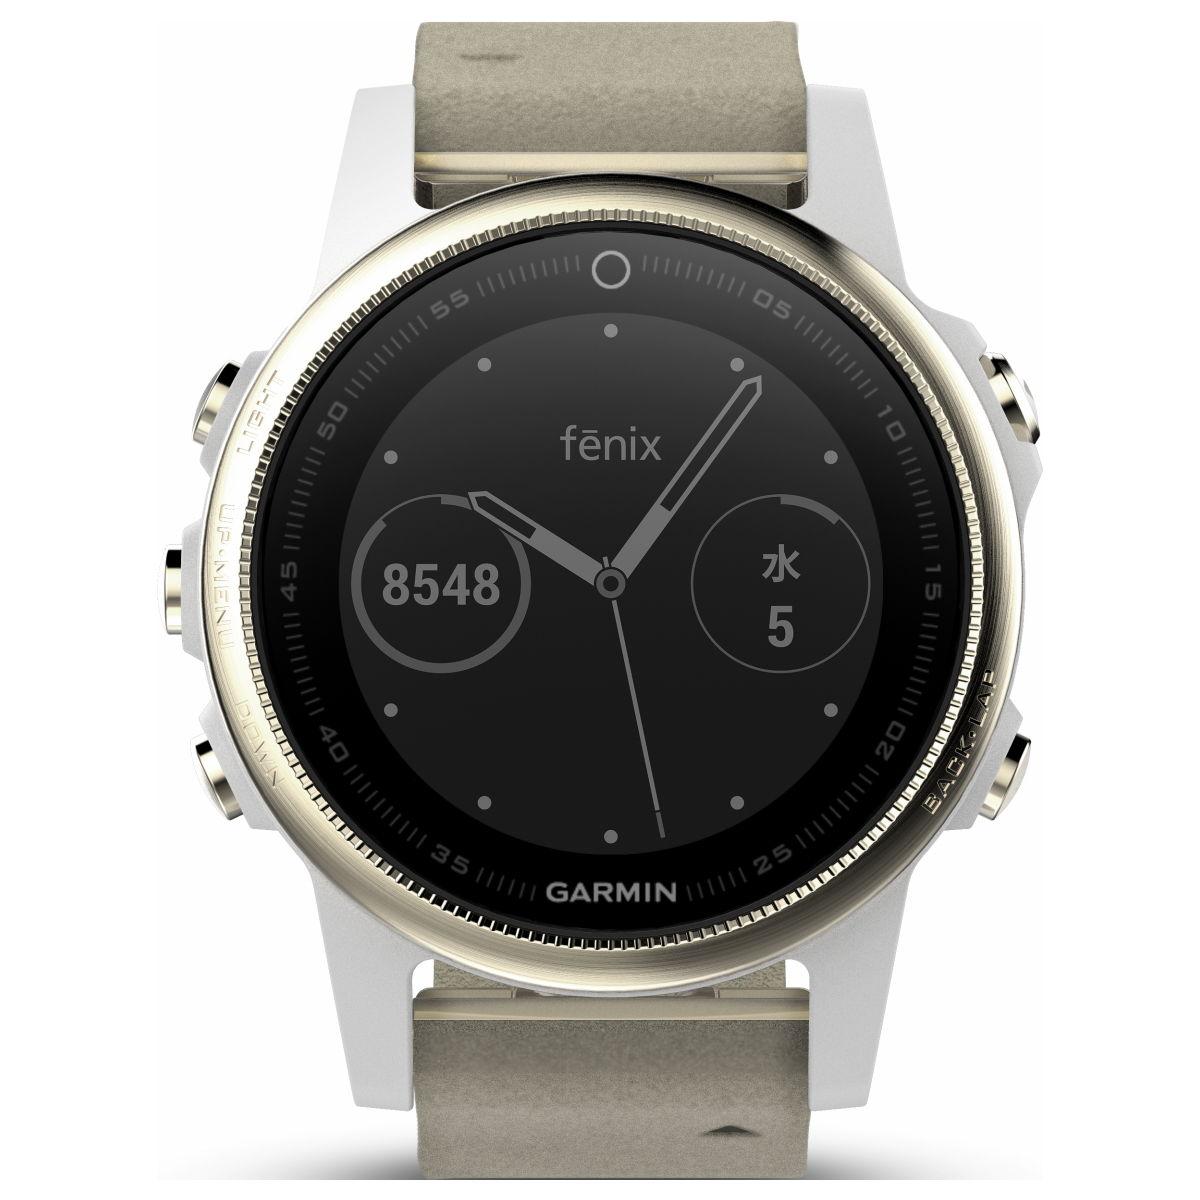 ガーミン GARMIN フェニックス 5S fenix 5S Sapphire Champagne Gold スマートウォッチ ウェアラブル端末 腕時計 メンズ レディース 010-01685-45